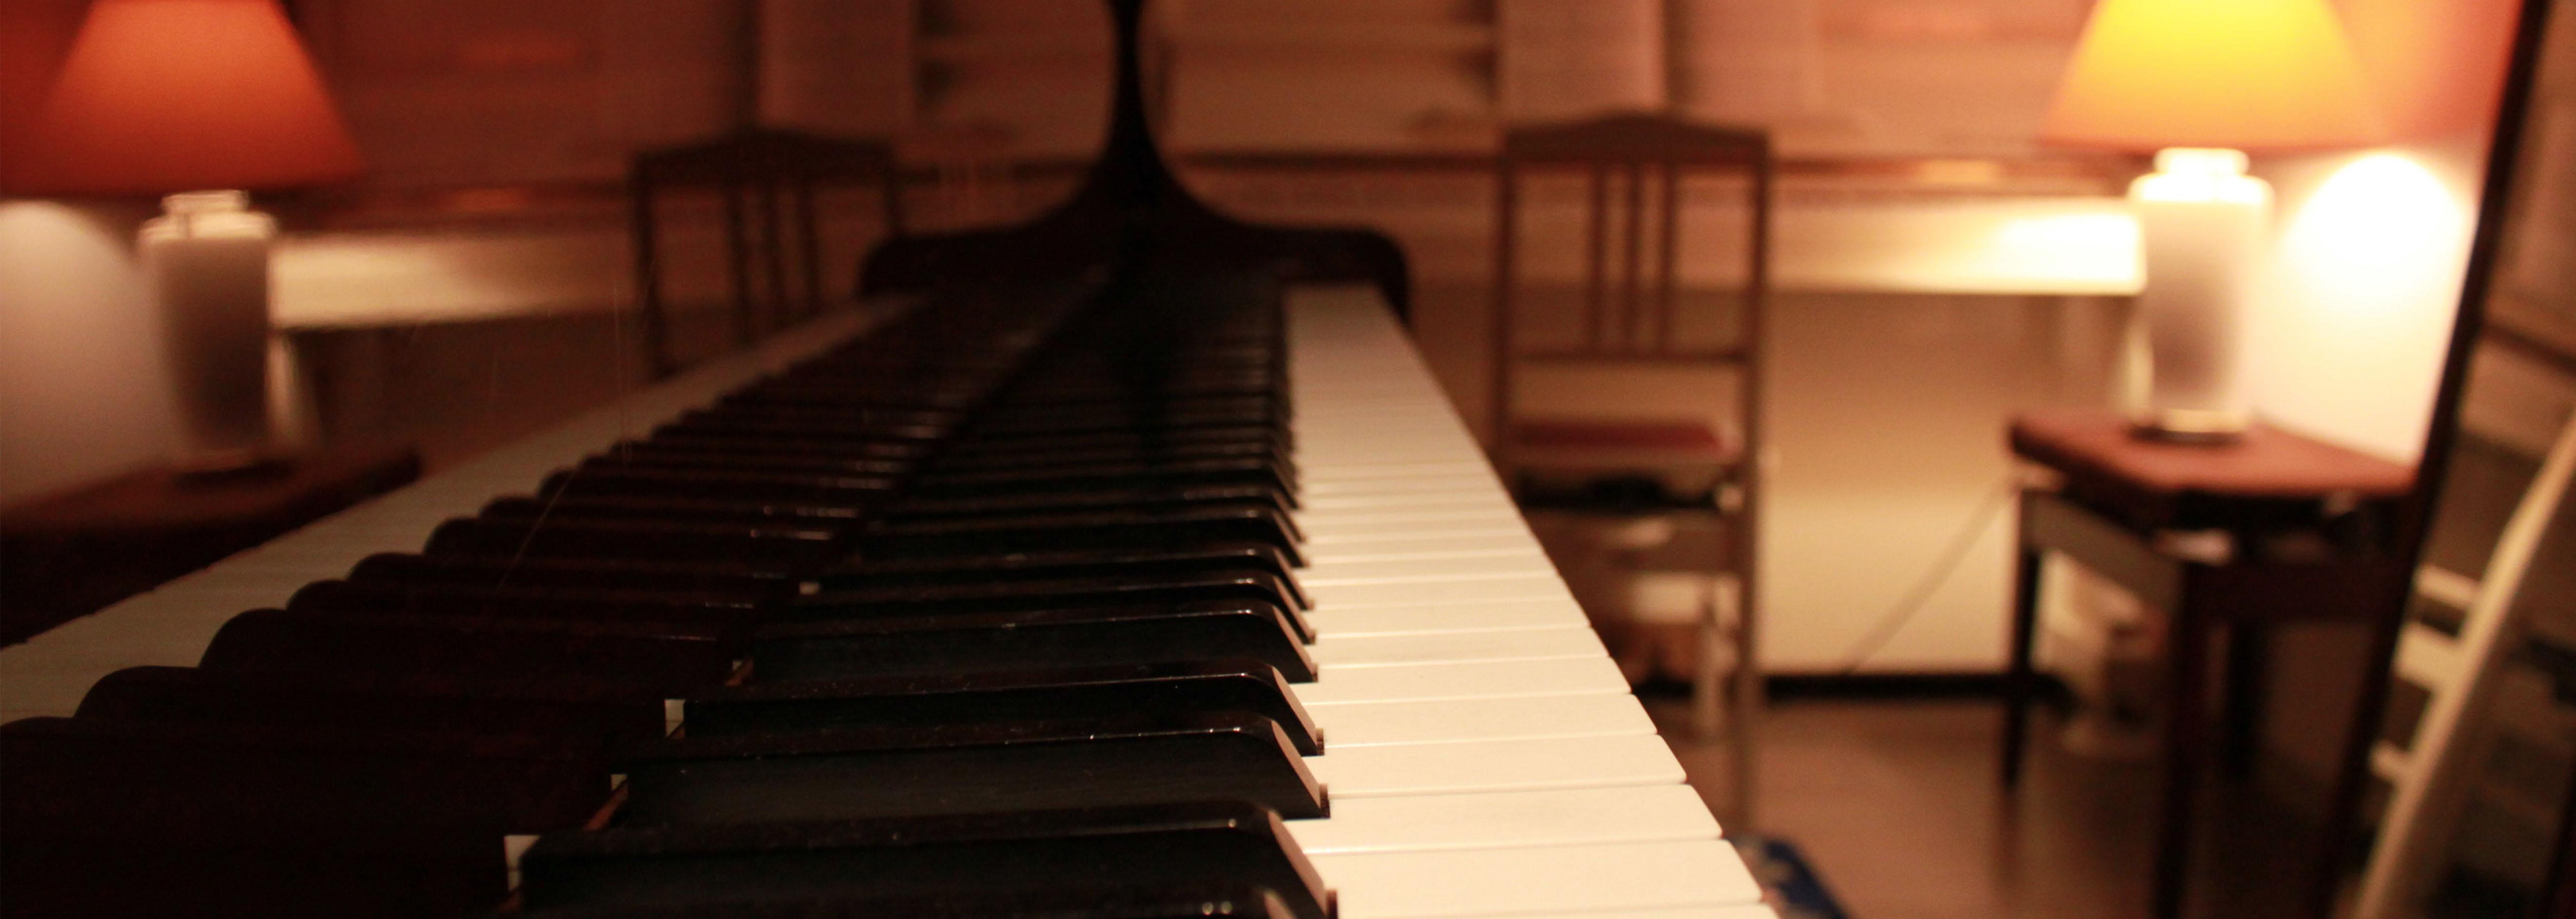 2歳児からのピアノレッスン大歓迎!